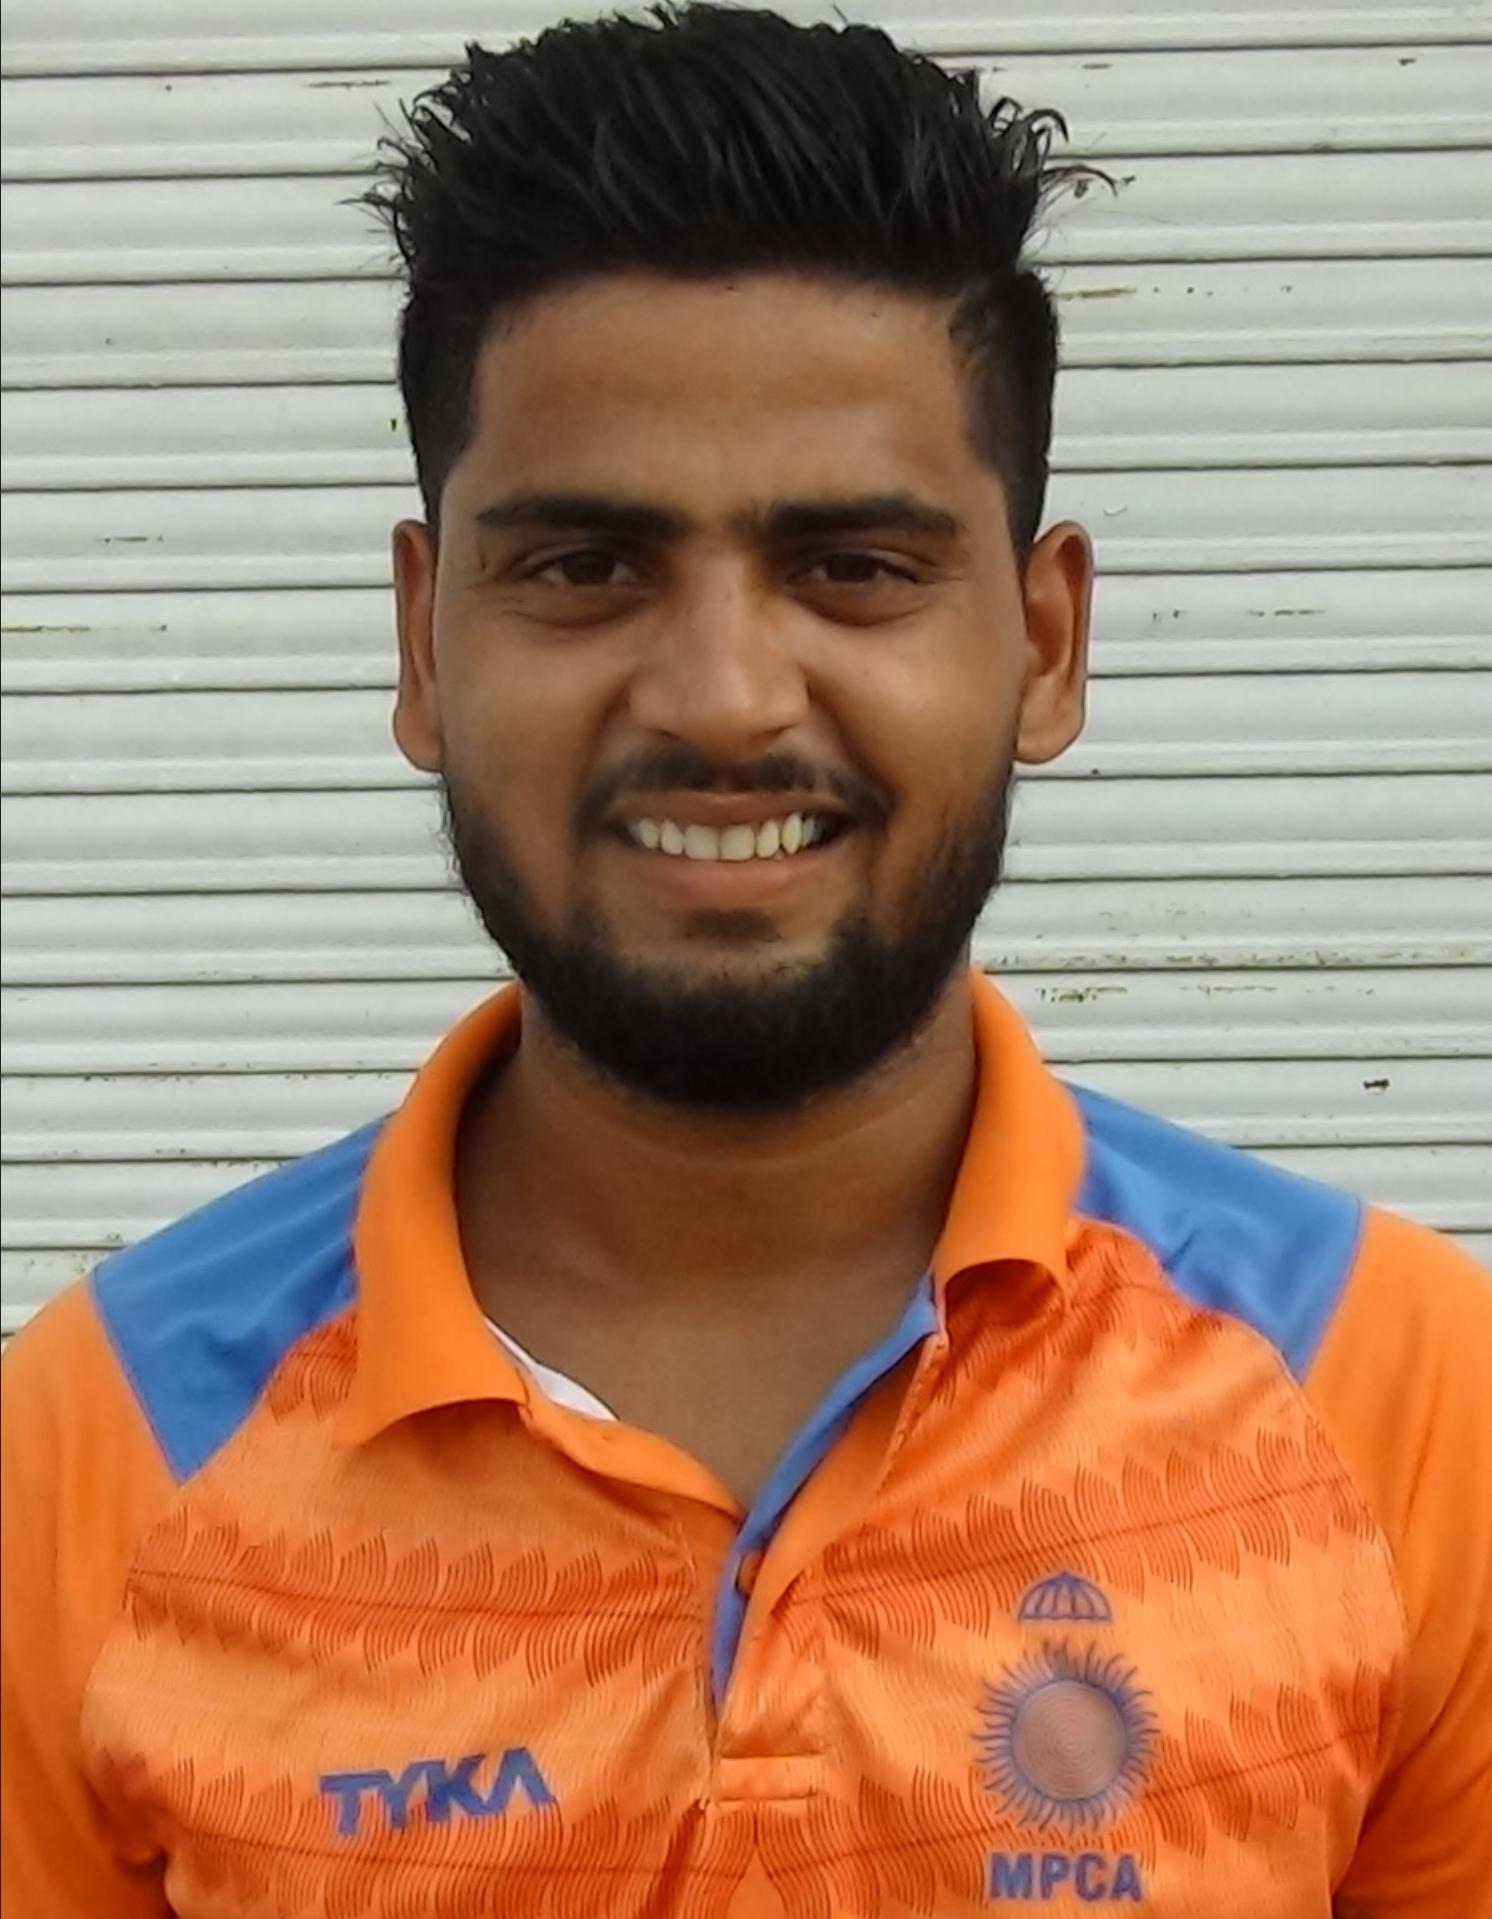 IPL চলাকালীন পিৎজা অর্ডার করার দাম চোকাতে হল এই ক্রিকেটারকে, ৫০ হাজার টাকার প্রতারণা 3